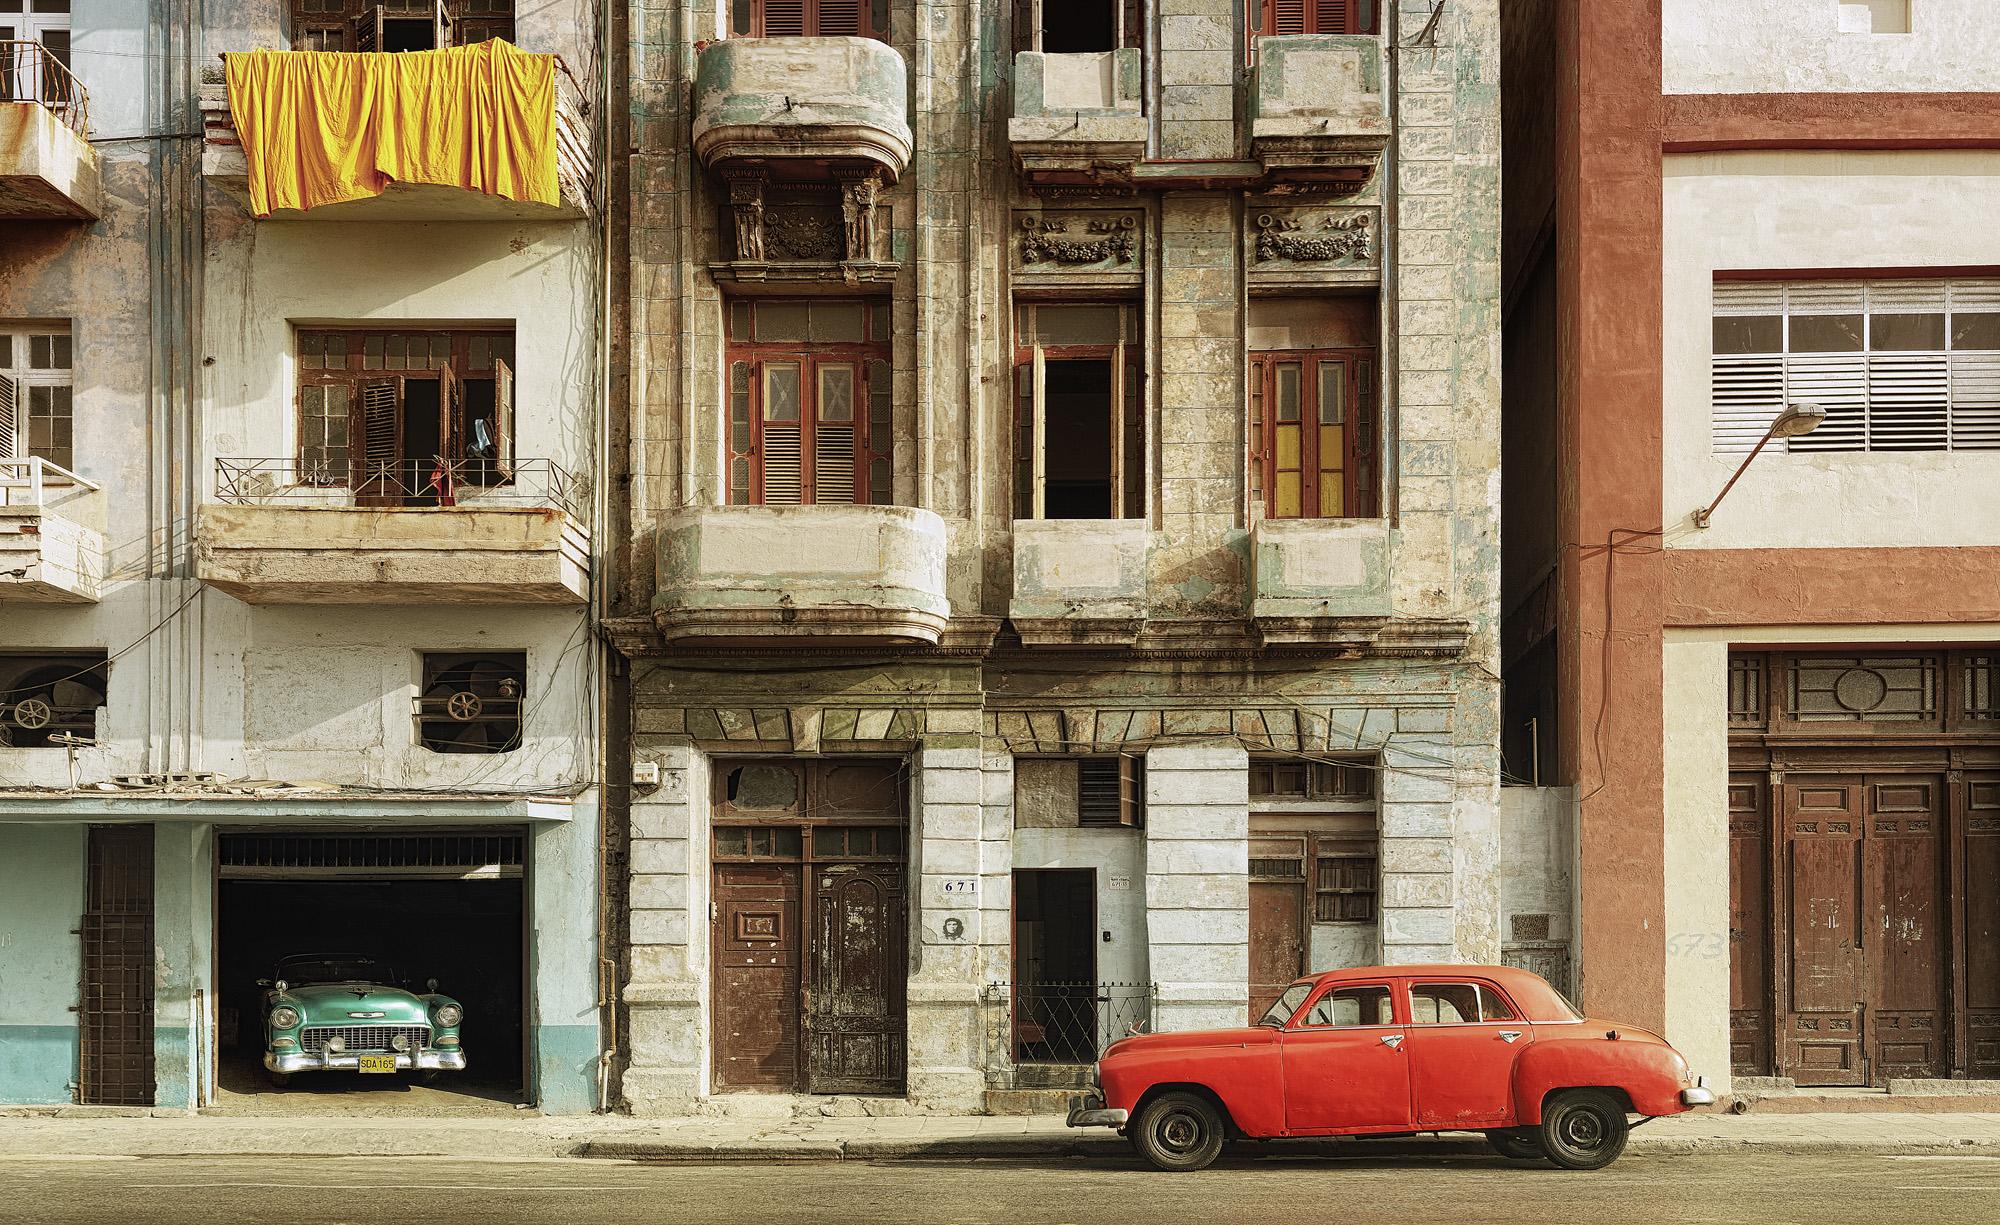 San Lazaro - Havana, CUBA 2012